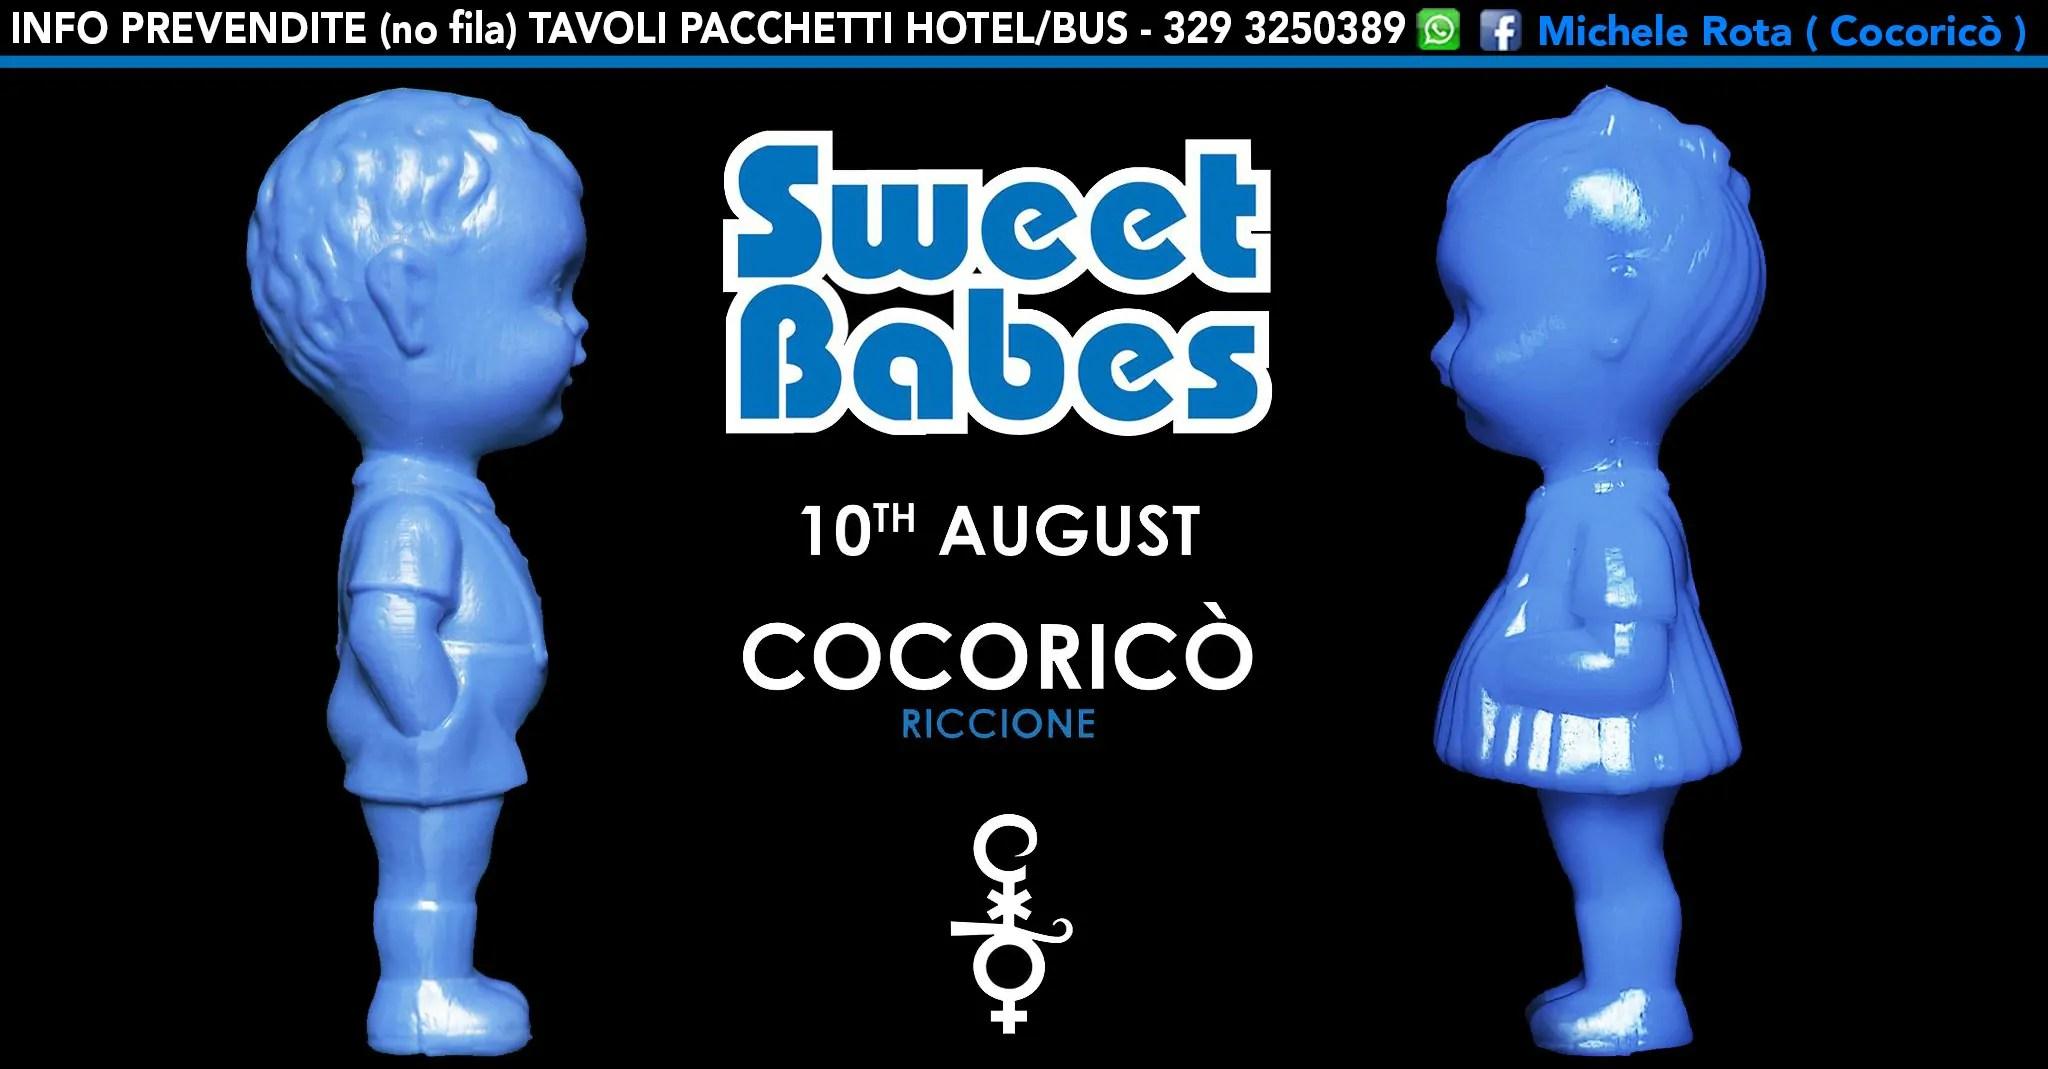 10 08 2017 SWEET BABES AT COCORICÒ RICCIONE PREVENDITE + TAVOLI + PACCHETTI HOTEL